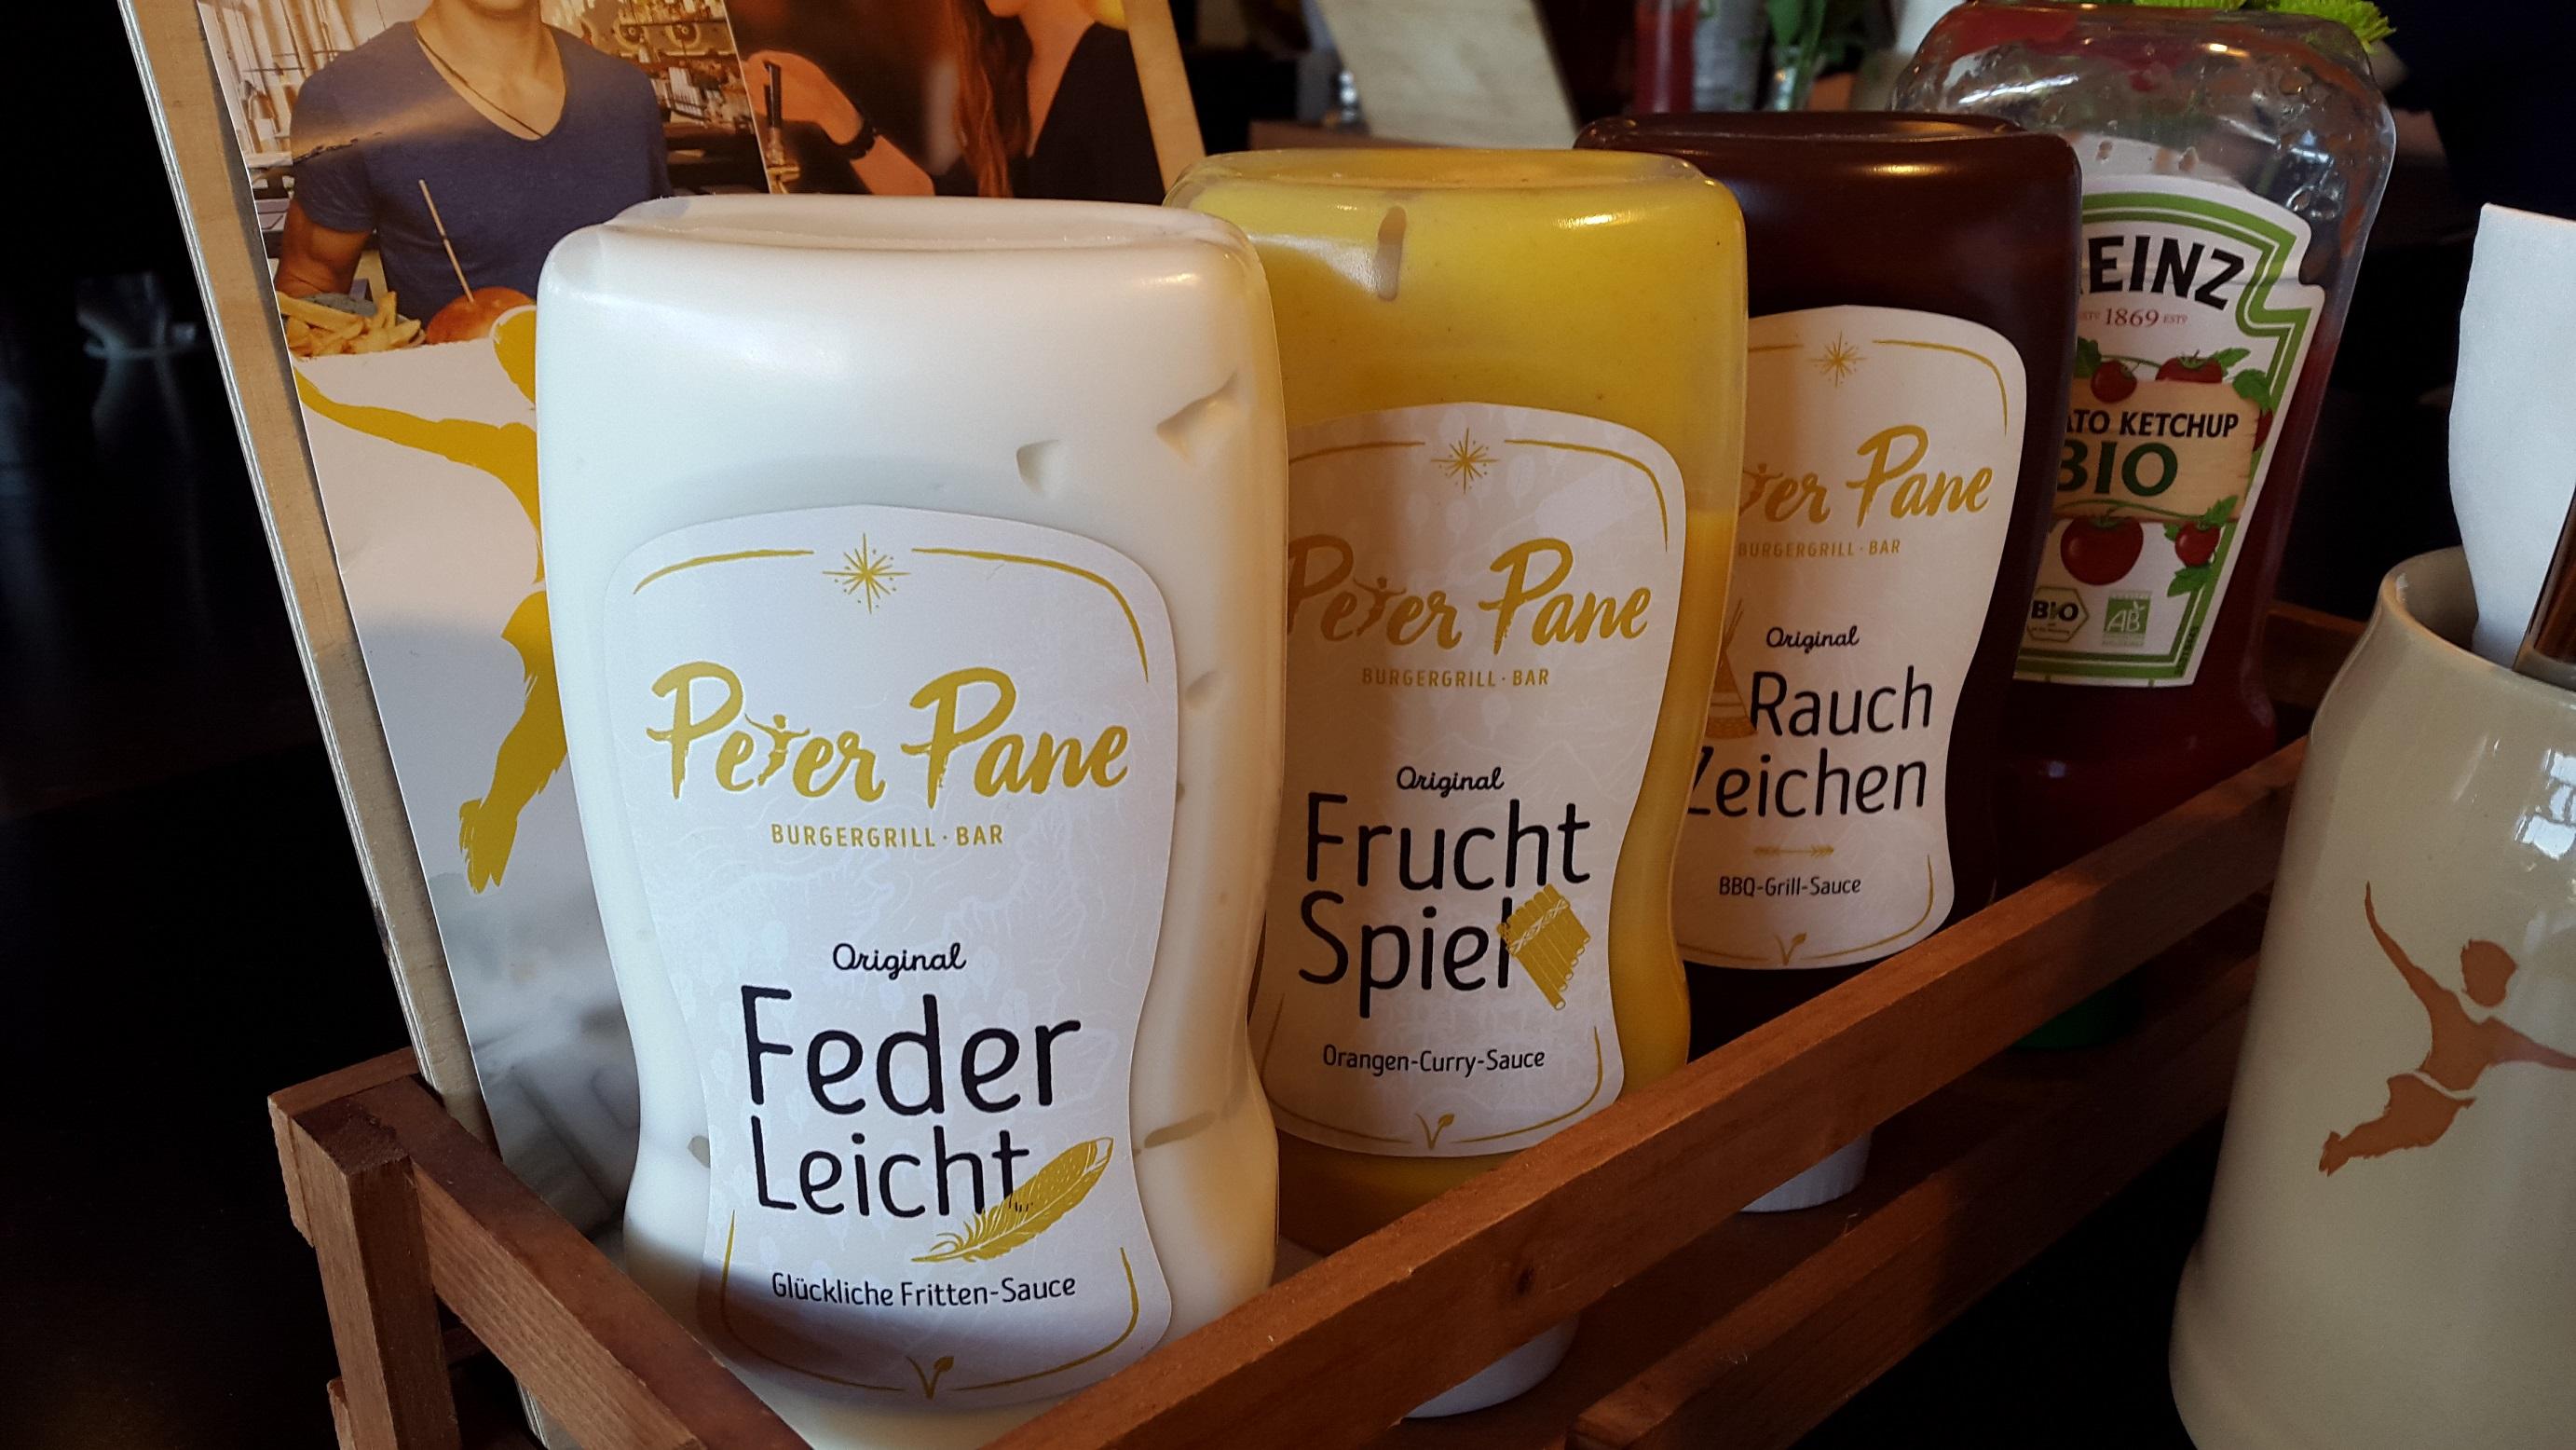 Peter Pane_Saucen